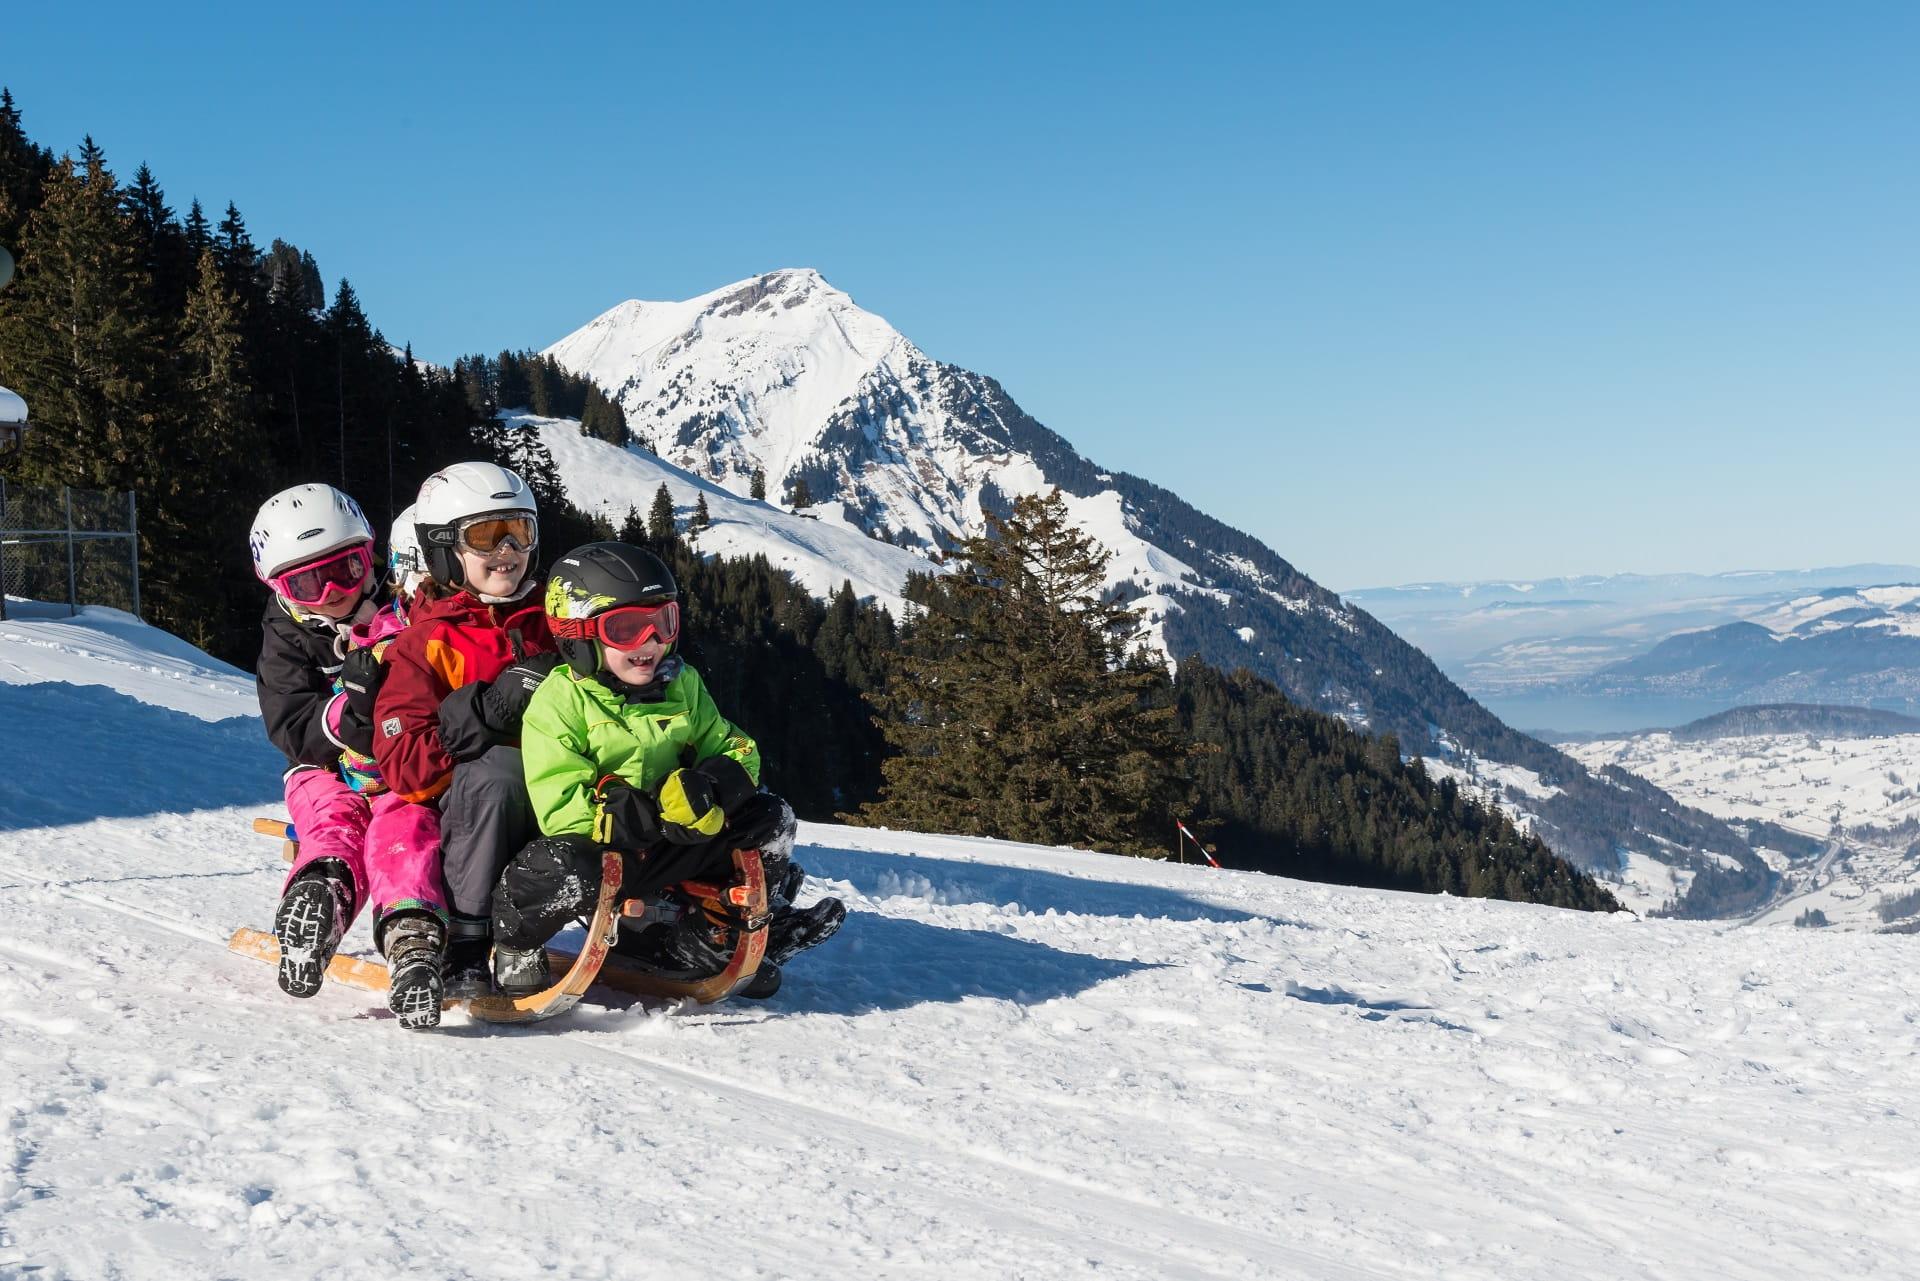 Drei Kinder auf einem Schlitten fahren die Piste herunter in Kiental bei Kandersteg